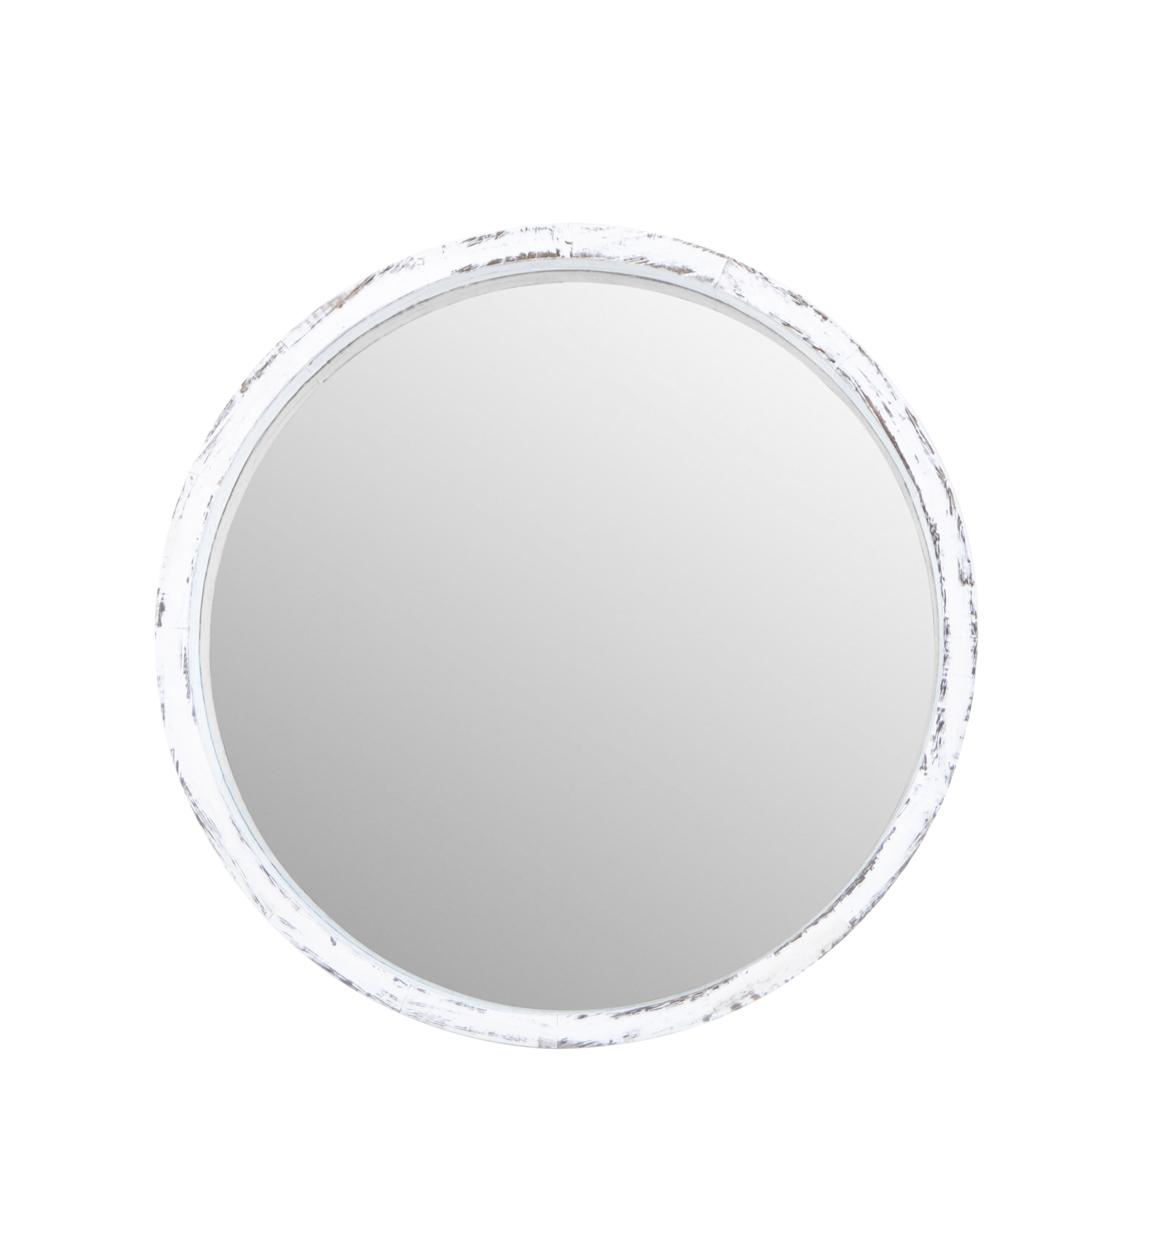 Espejo Pared Dakota Redondo Blanco Peque O Moycor